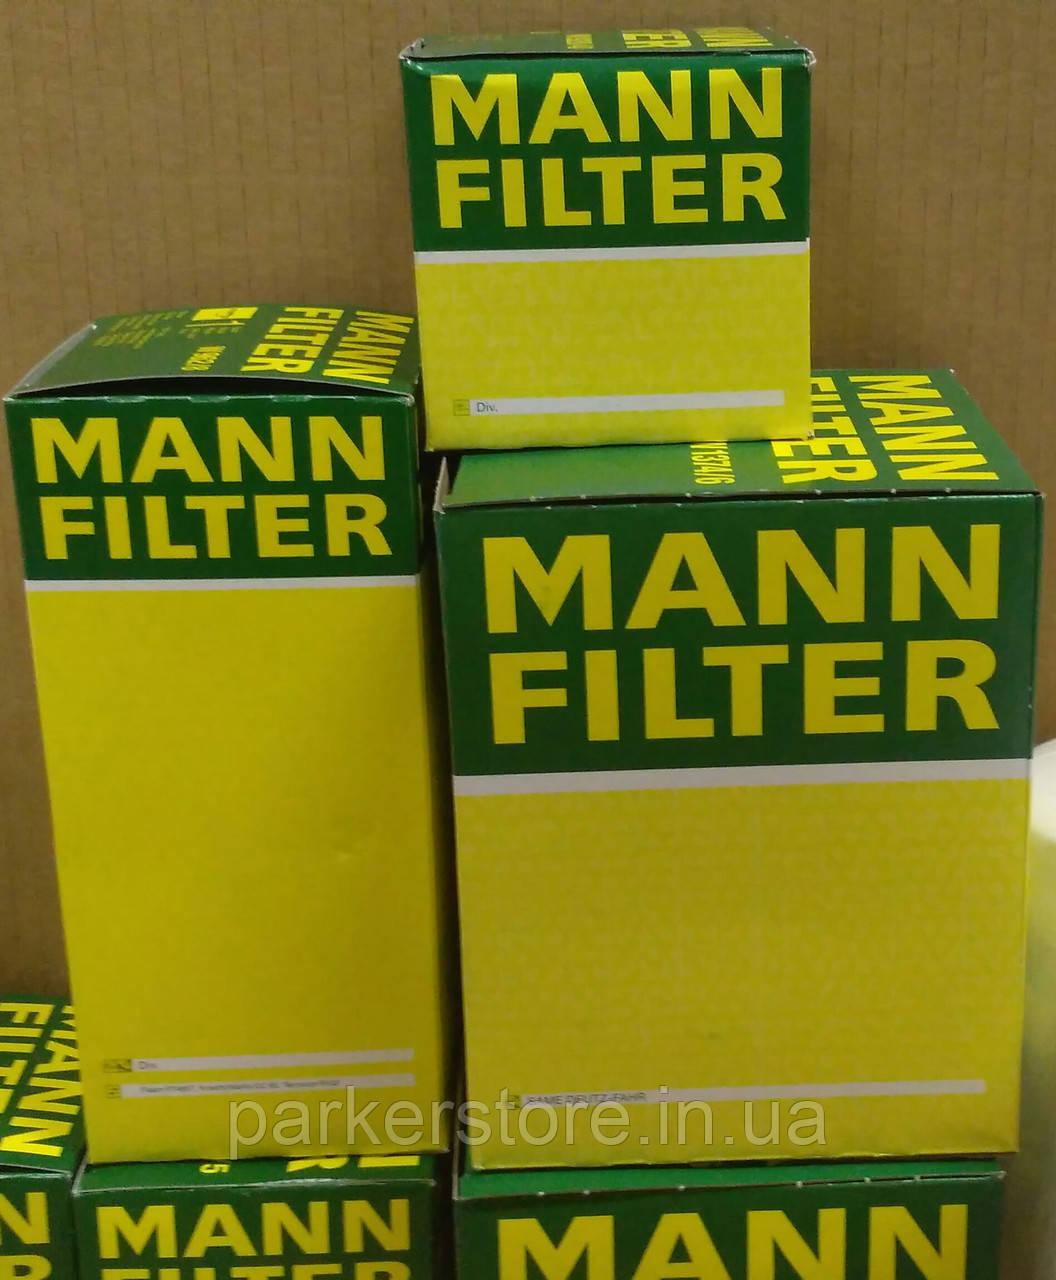 MANN FILTER / Воздушный фильтр / C 30 170/1 / C30170/1